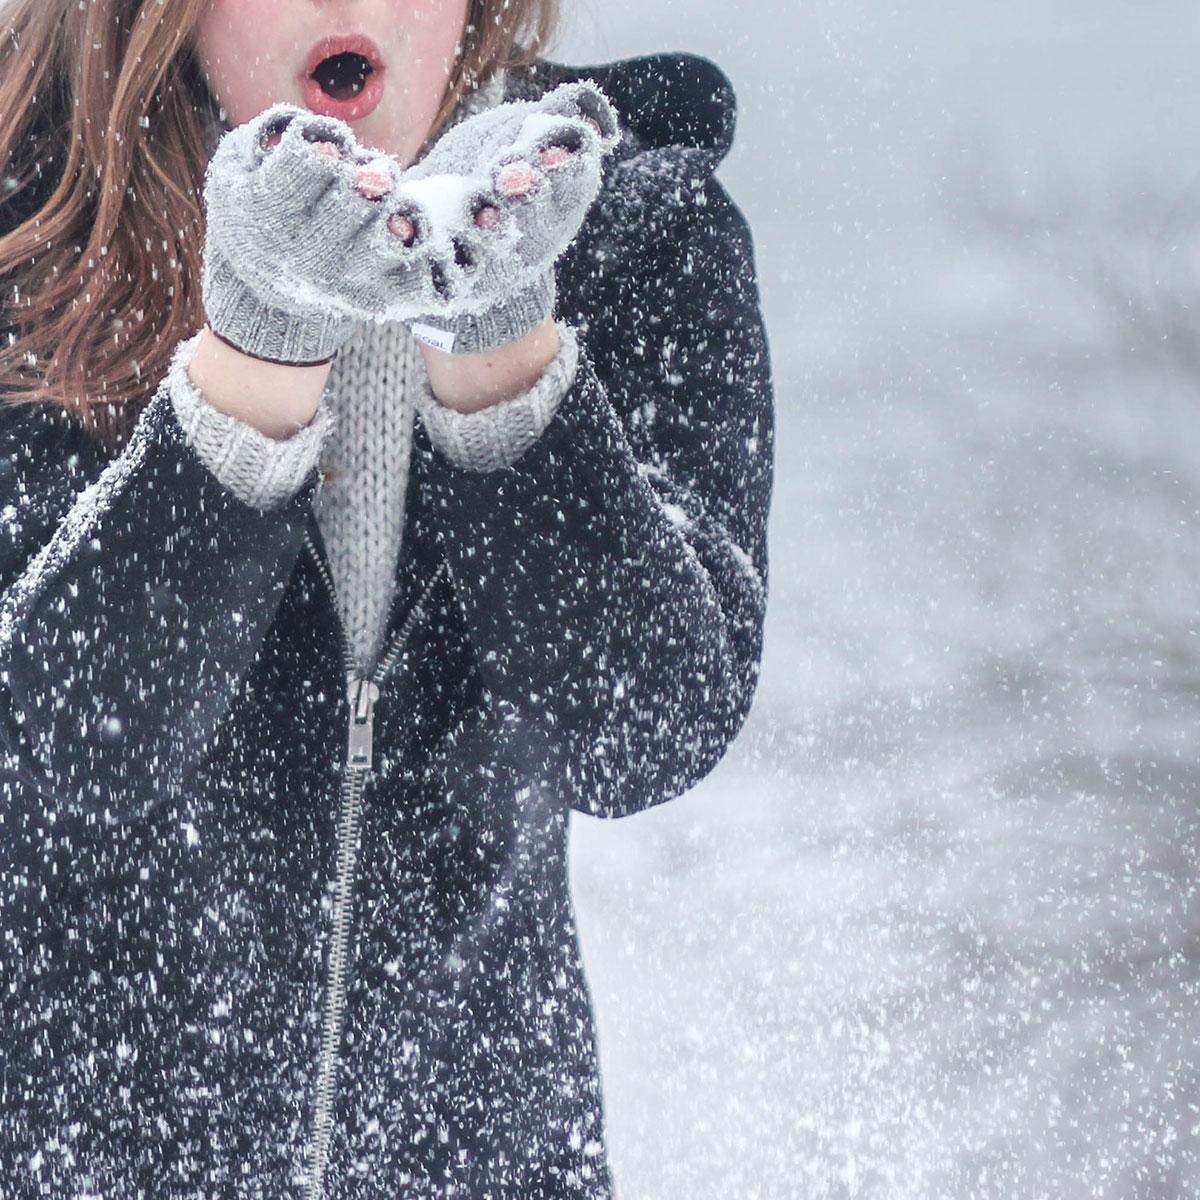 dreams-vejr-sne